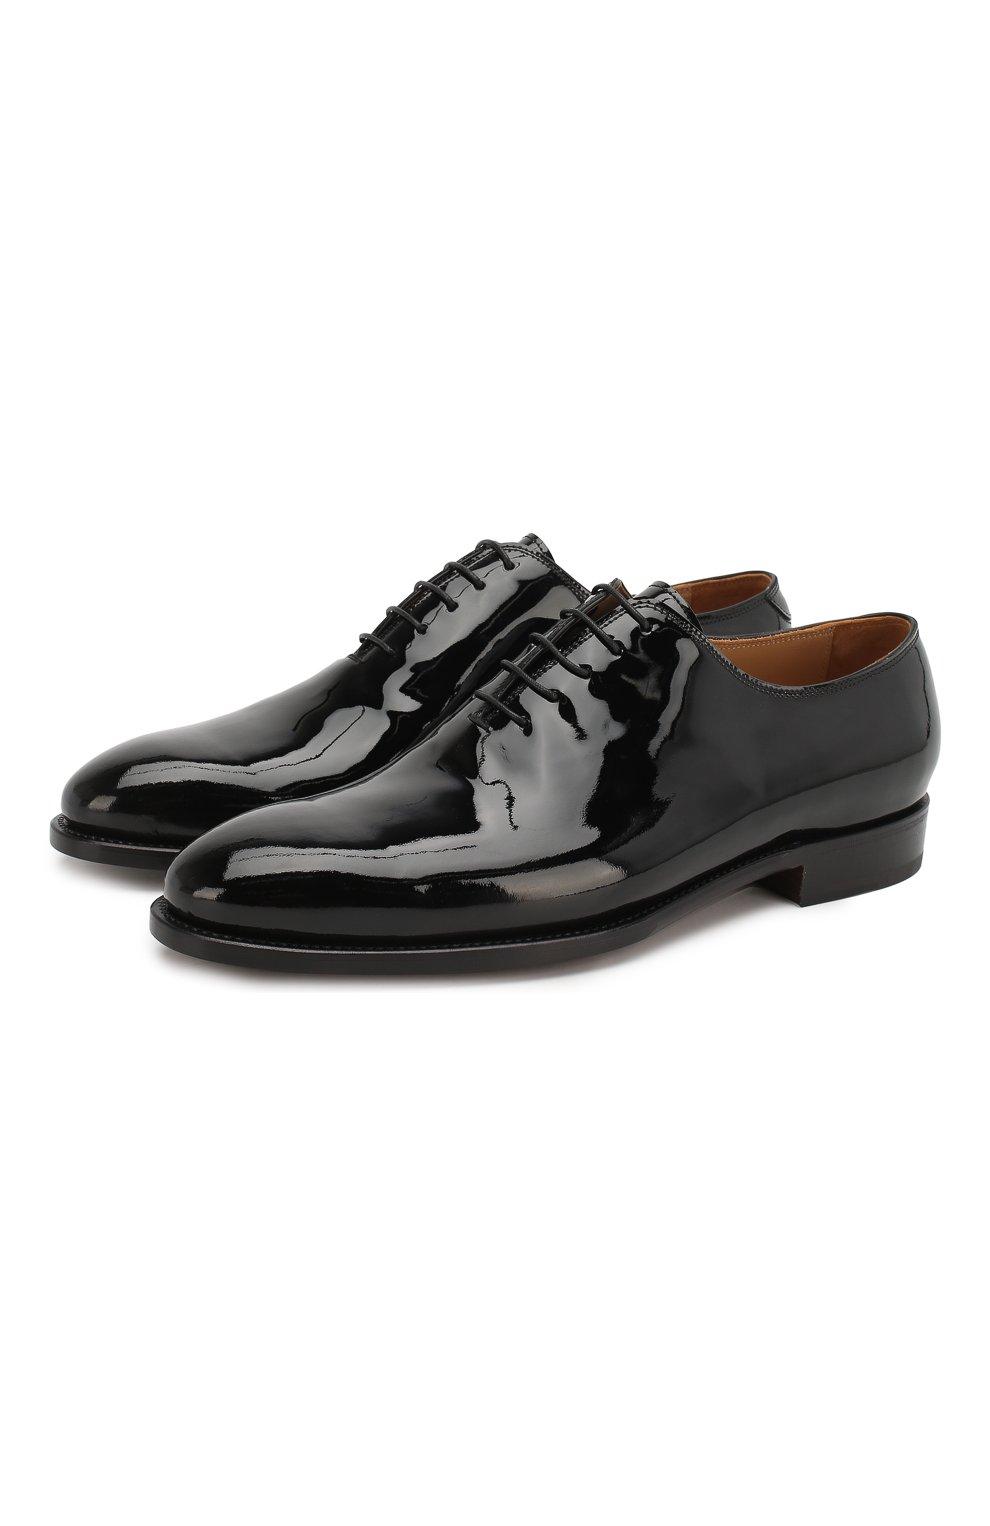 bf419029f Мужские туфли по цене от 5 600 руб. купить в интернет-магазине ЦУМ